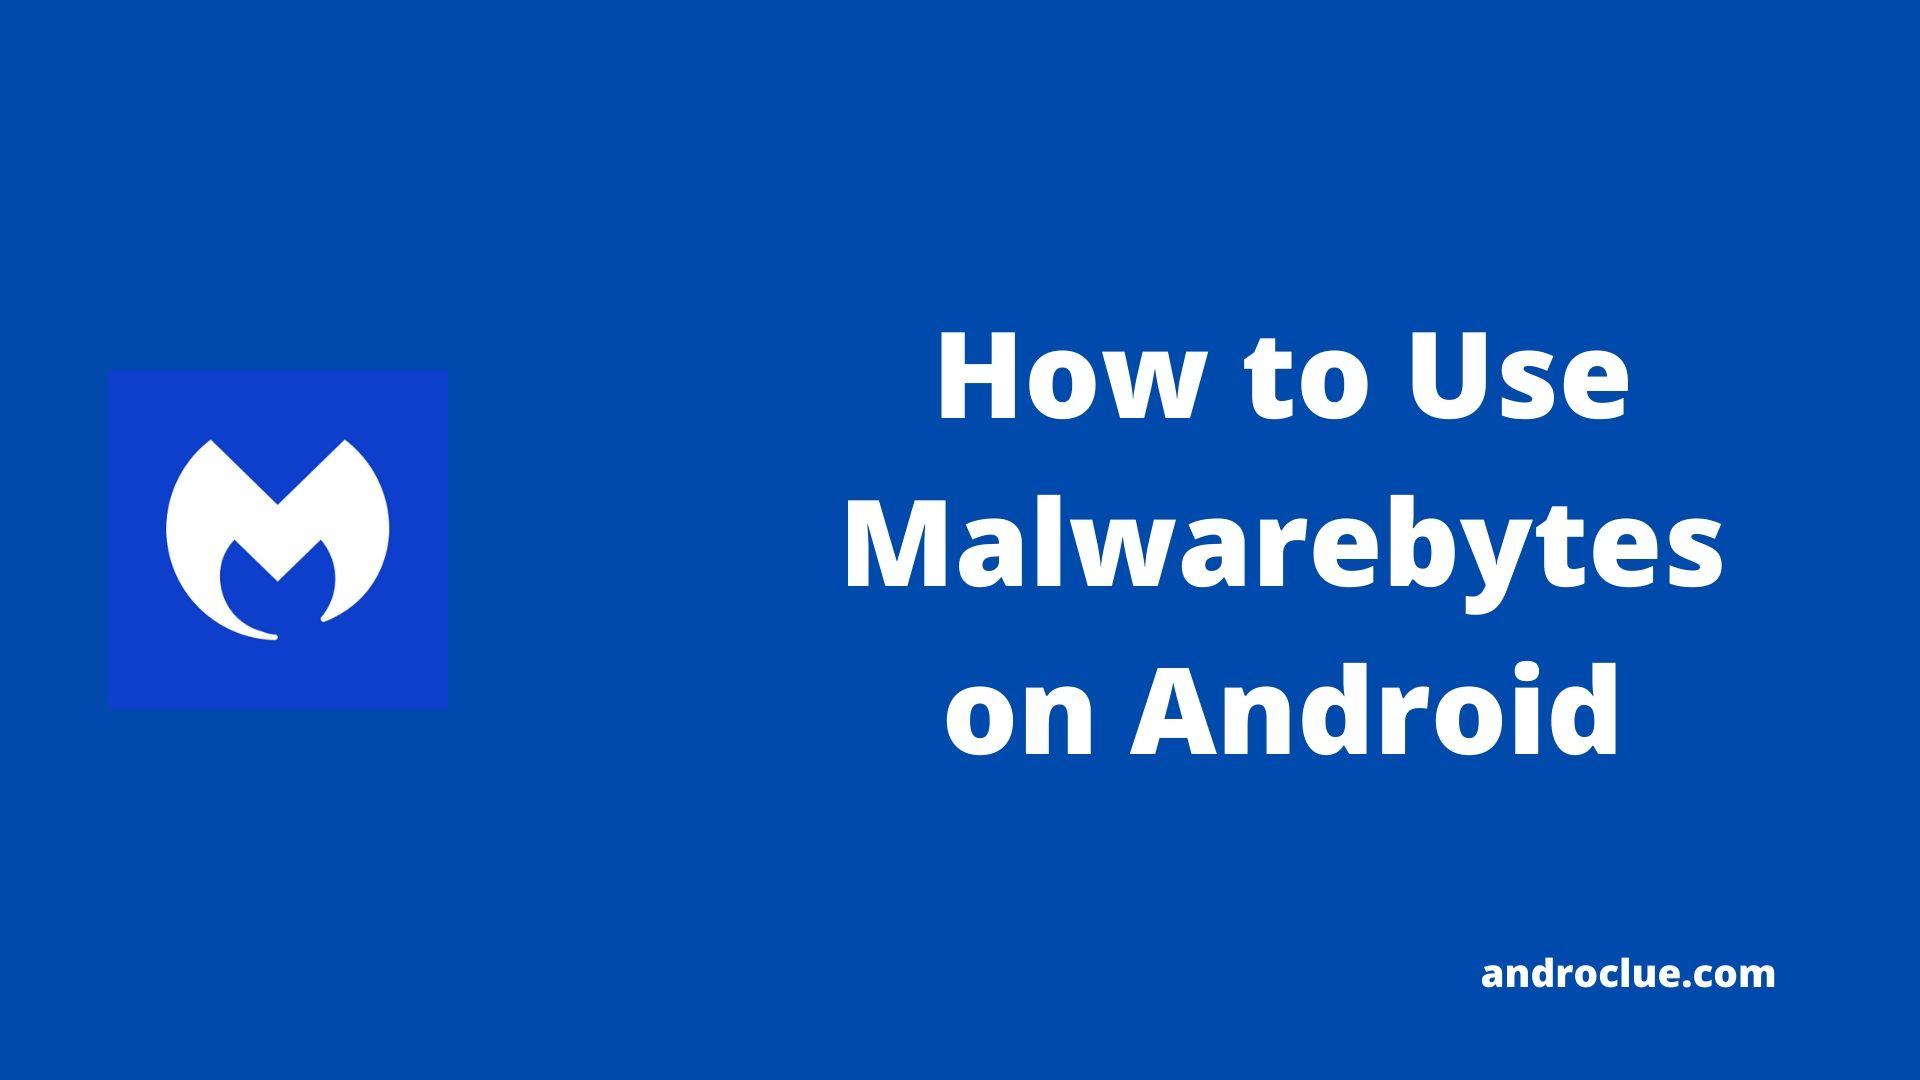 Malwarebytes for Android